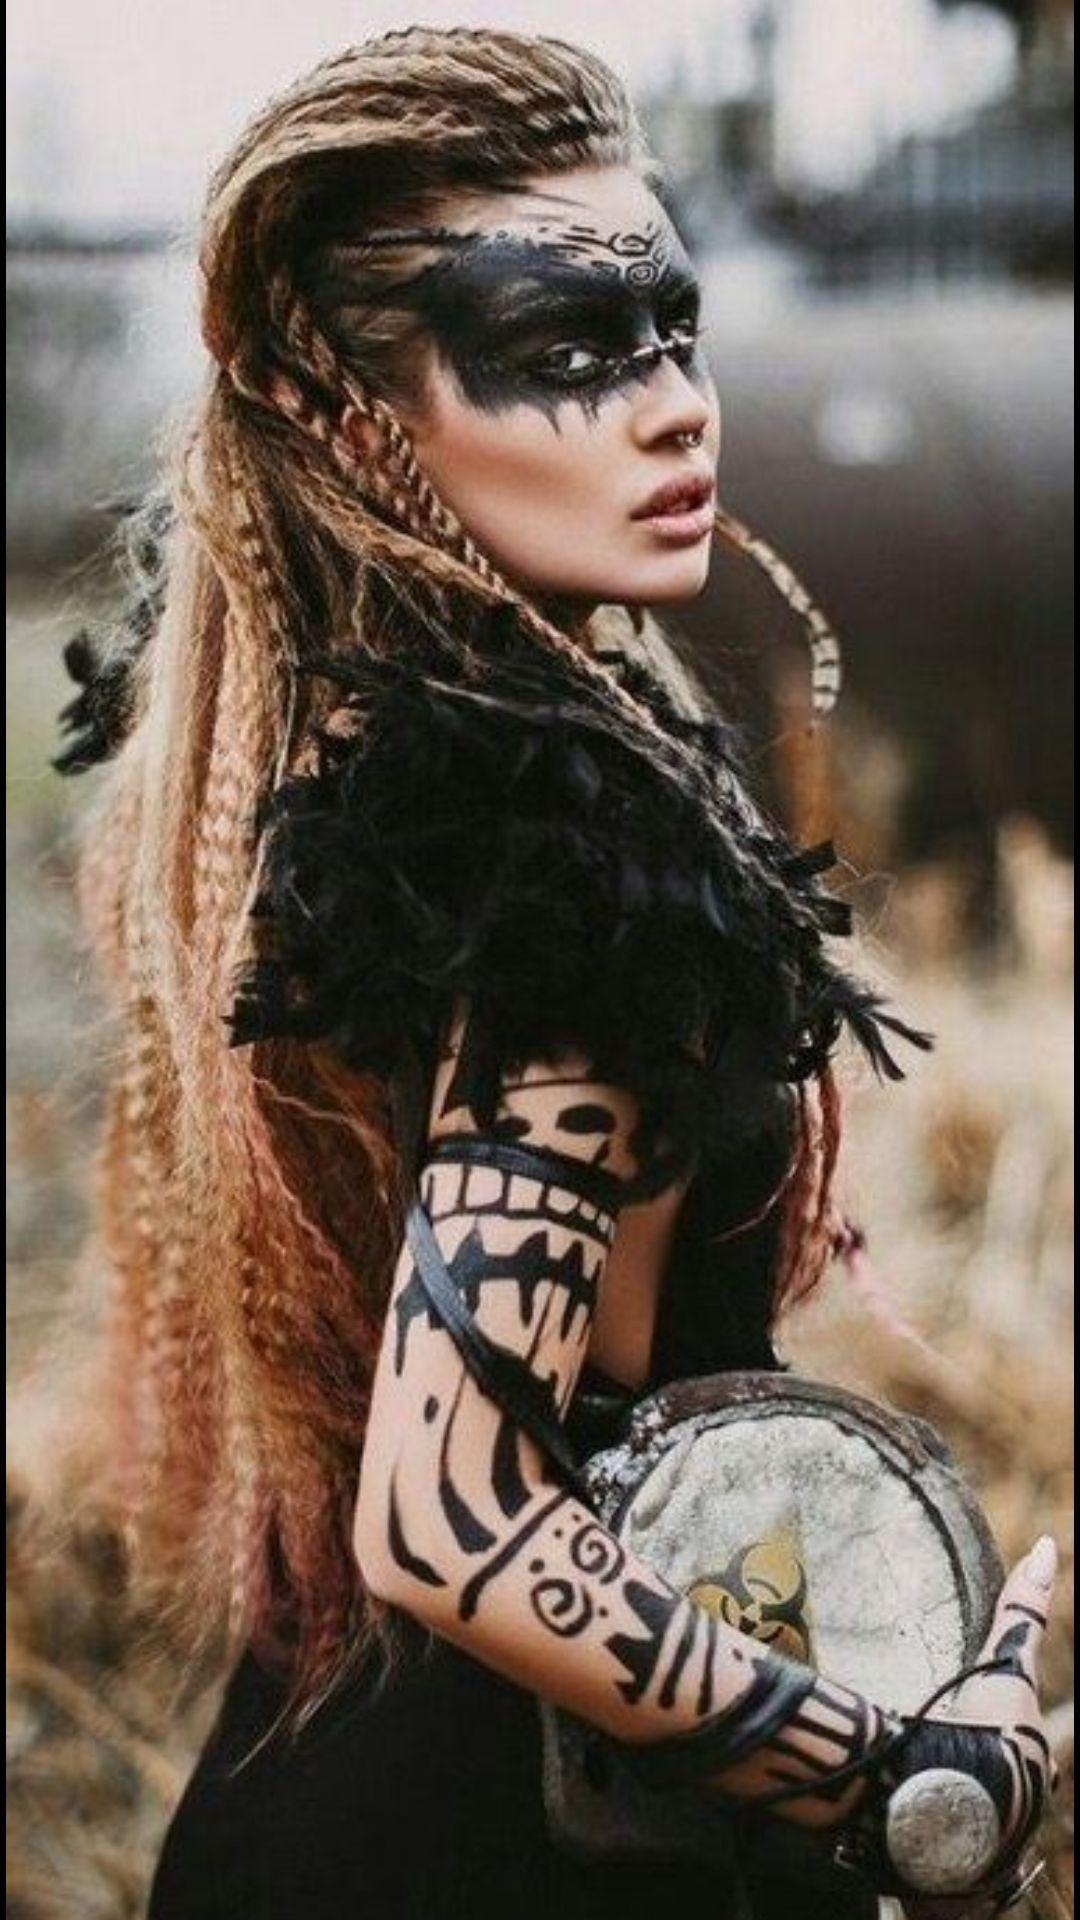 Pin Von Martu Anahi Auf Girls Gesichtsbemalung Wikingerfrau Tribales Make Up